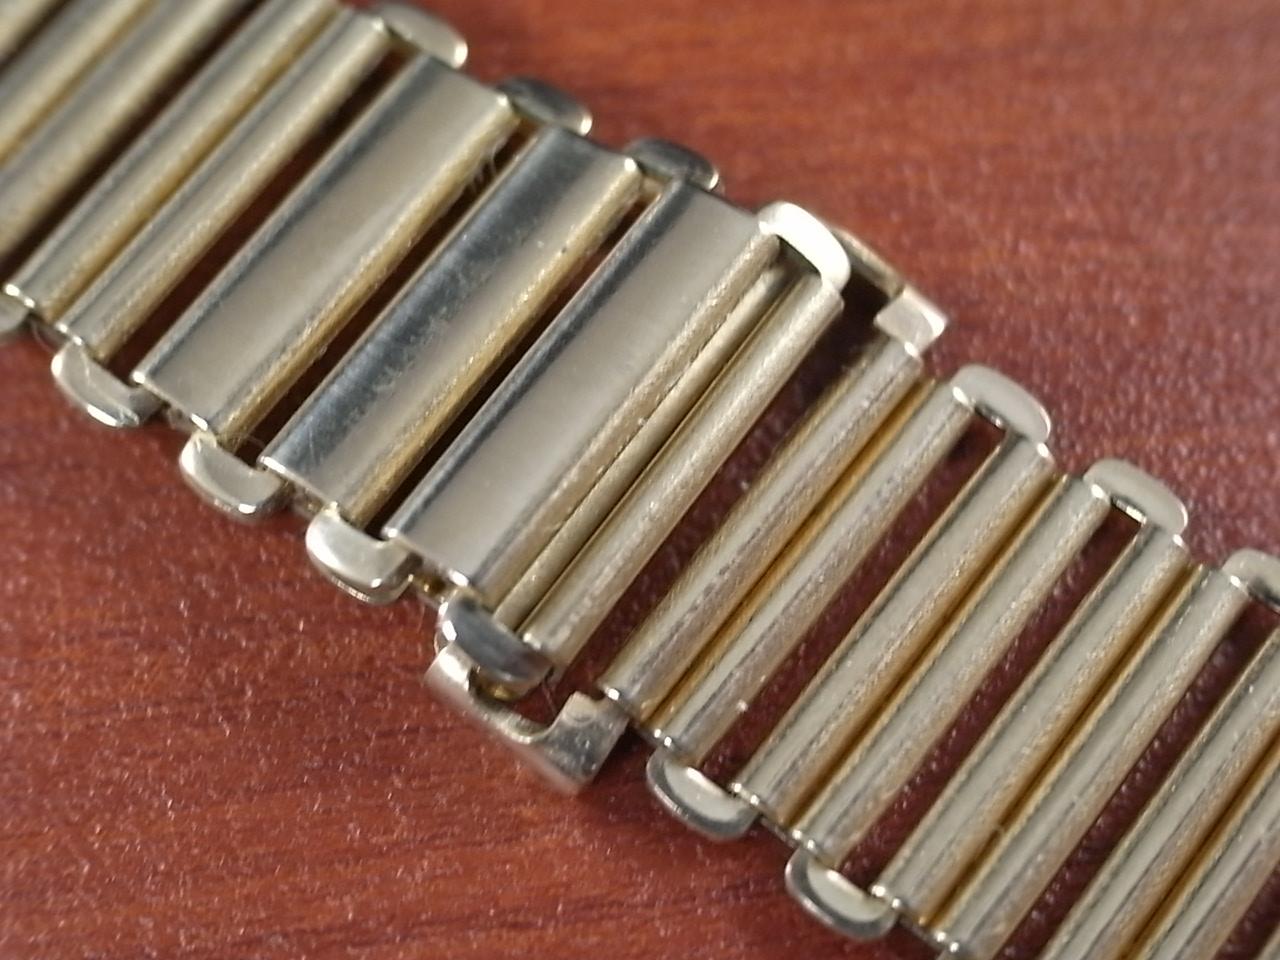 ボンクリップ バンブーブレス GP 筆記体ロゴ 13㎜タイプ 16㎜ BONKLIPの写真5枚目